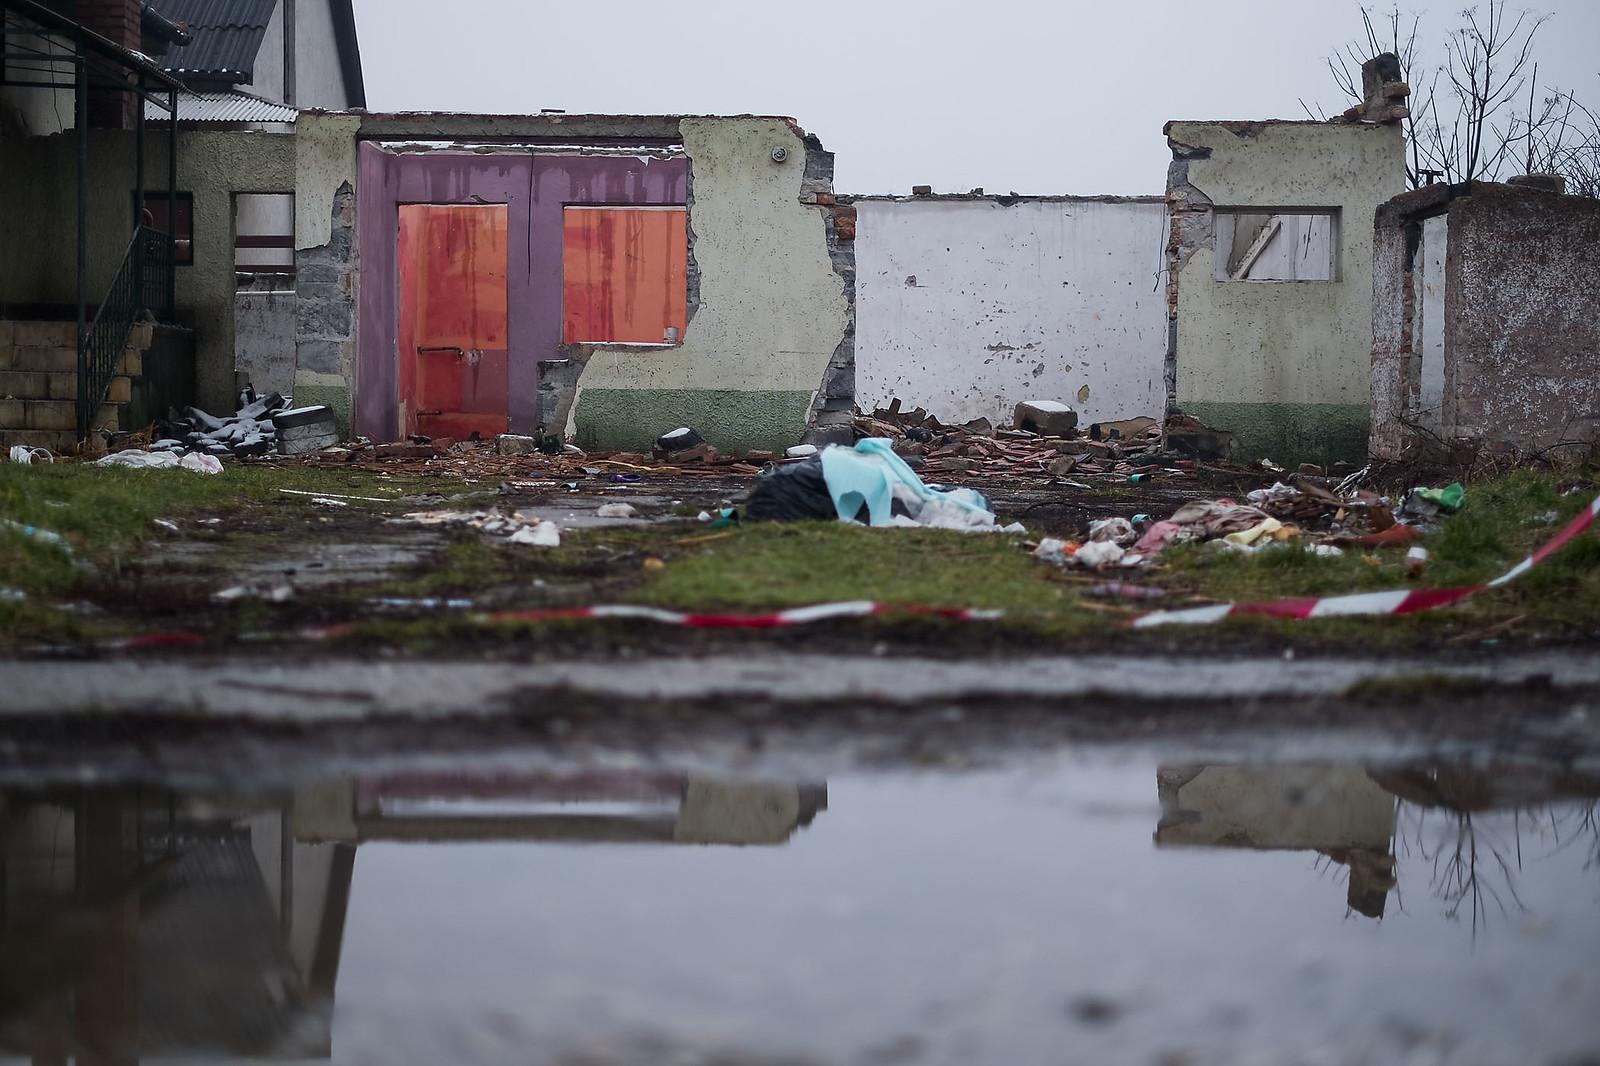 Egy bank által lefoglalt ház és telek Sajószentpéteren | Fotó: Magócsi Márton